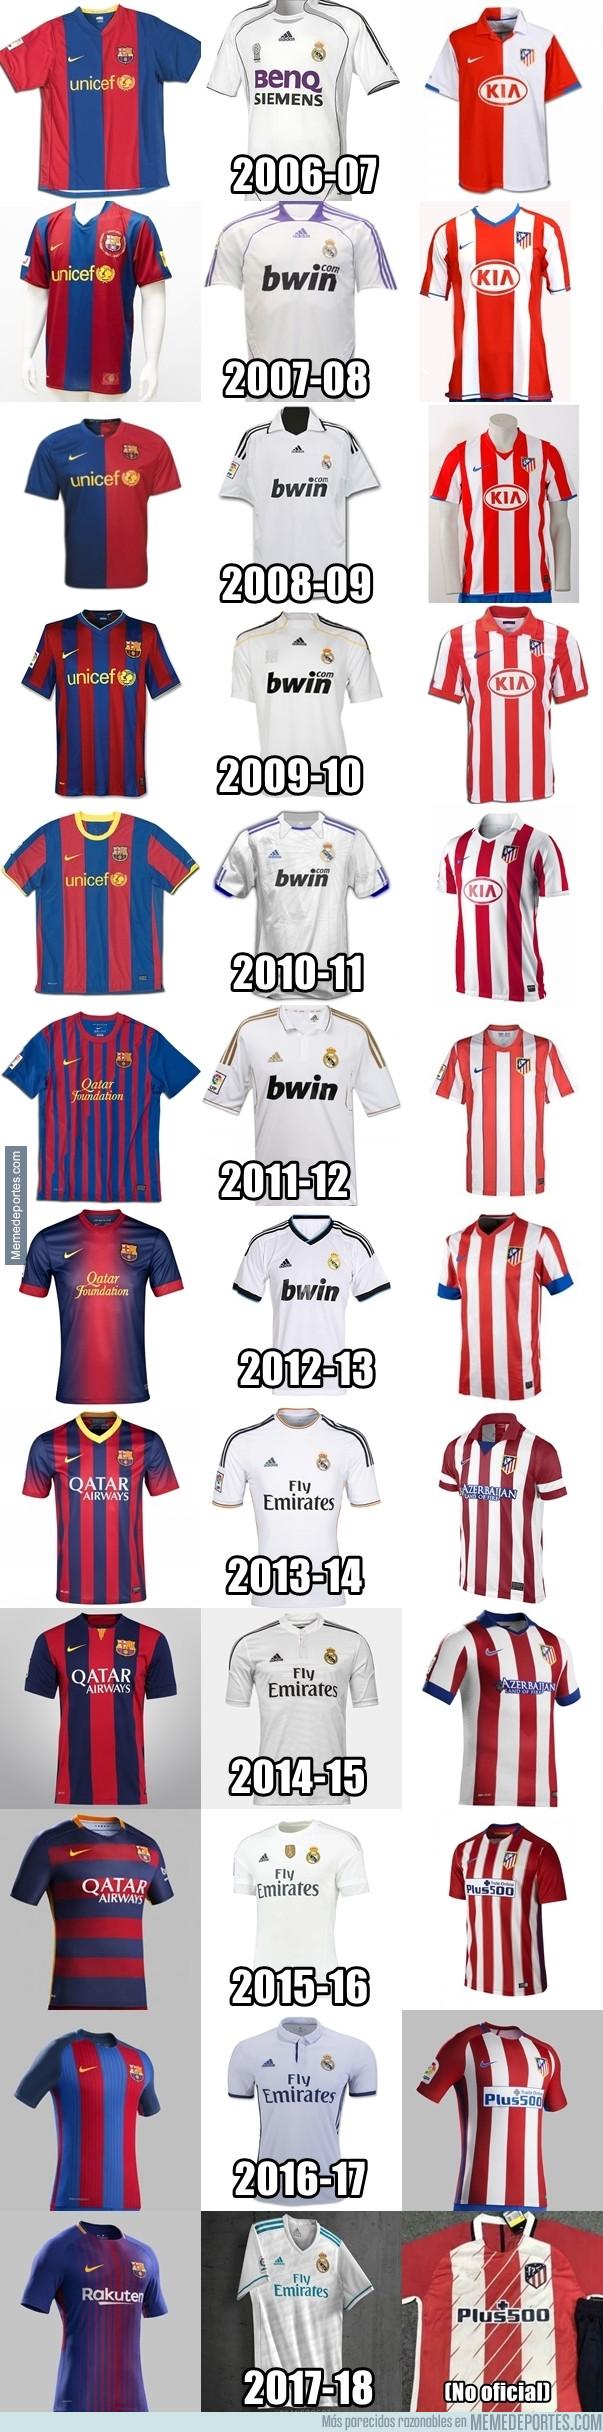 982144 - La evolución de las camisetas del Barça, Madrid y Atleti en la ultima década